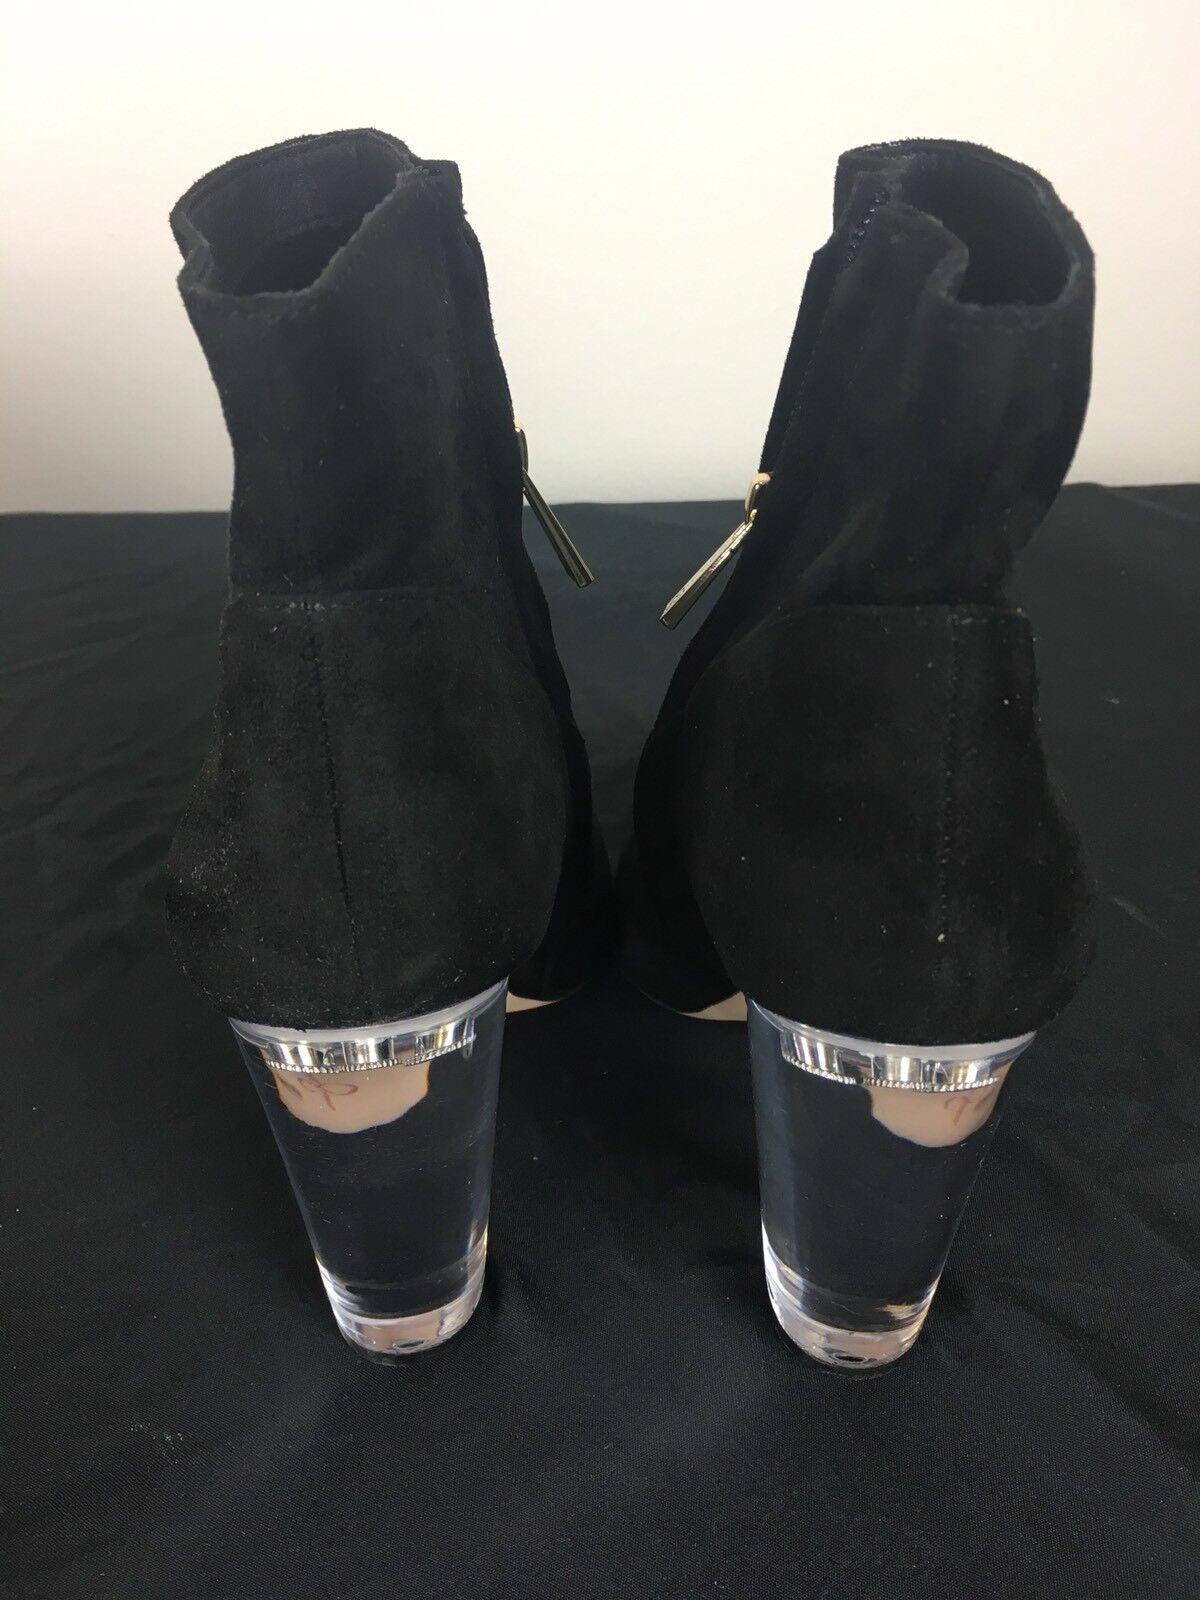 Nuevo En Caja Jessica Simpson para mujer Talla 7 Negro Negro Negro Tarek Lucite botaie precio minorista sugerido por el fabricante  139 c3b213